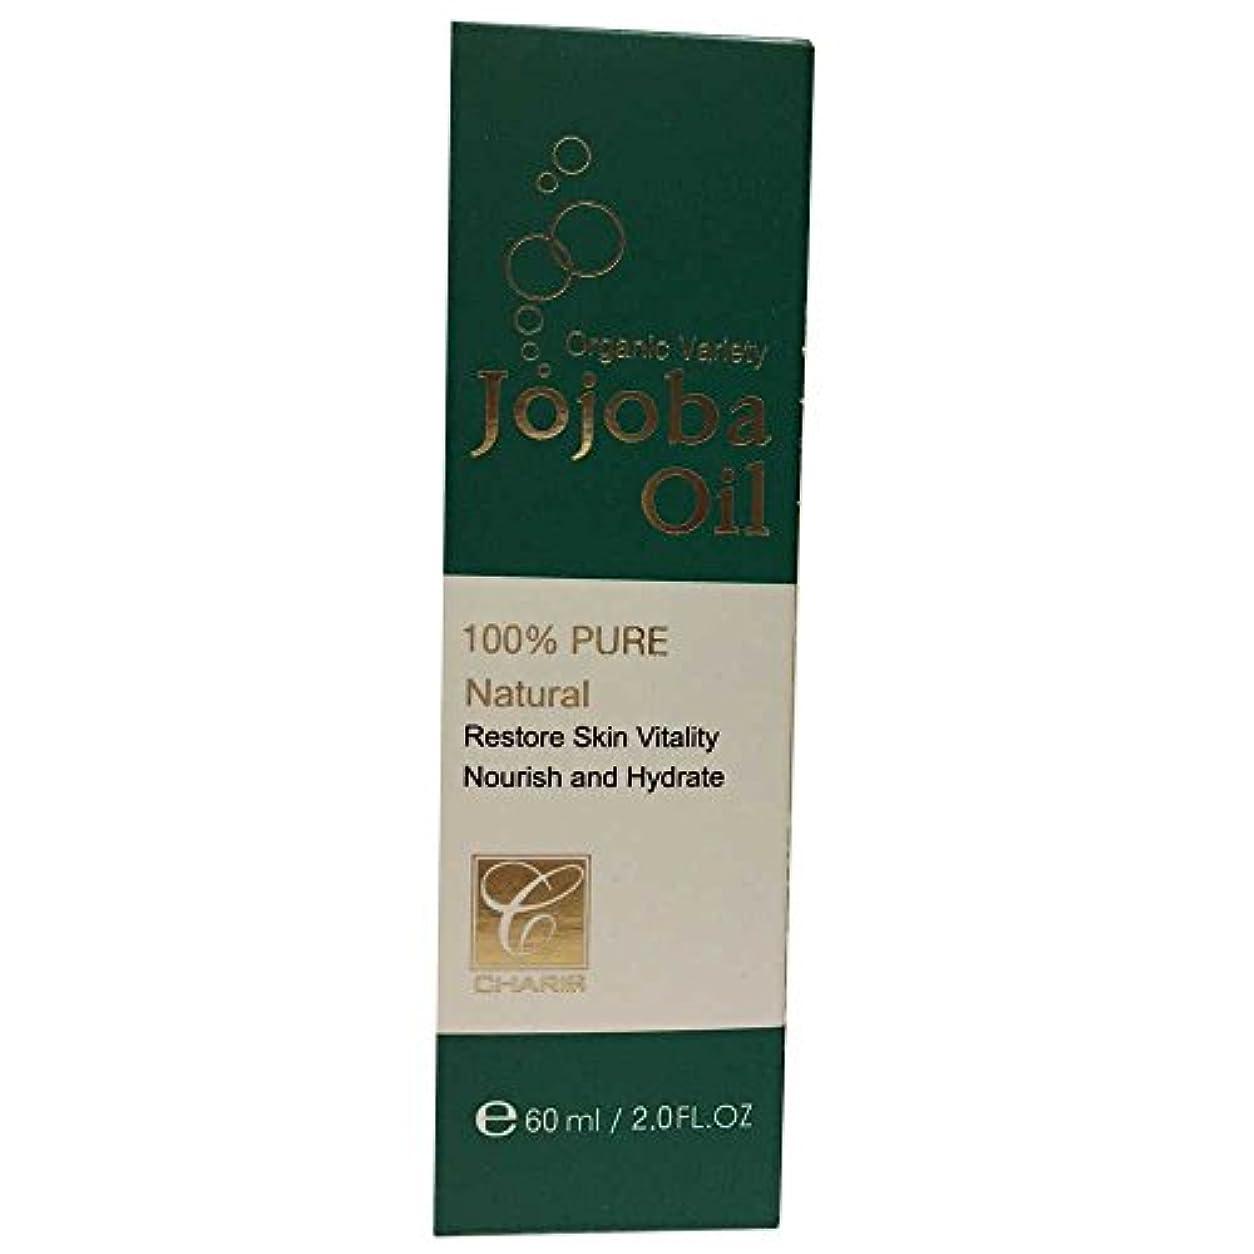 小石どちらも創傷[Charis]オーガニックホホバオイル(Organic Jojoba Oil)60ml[海外直送品]